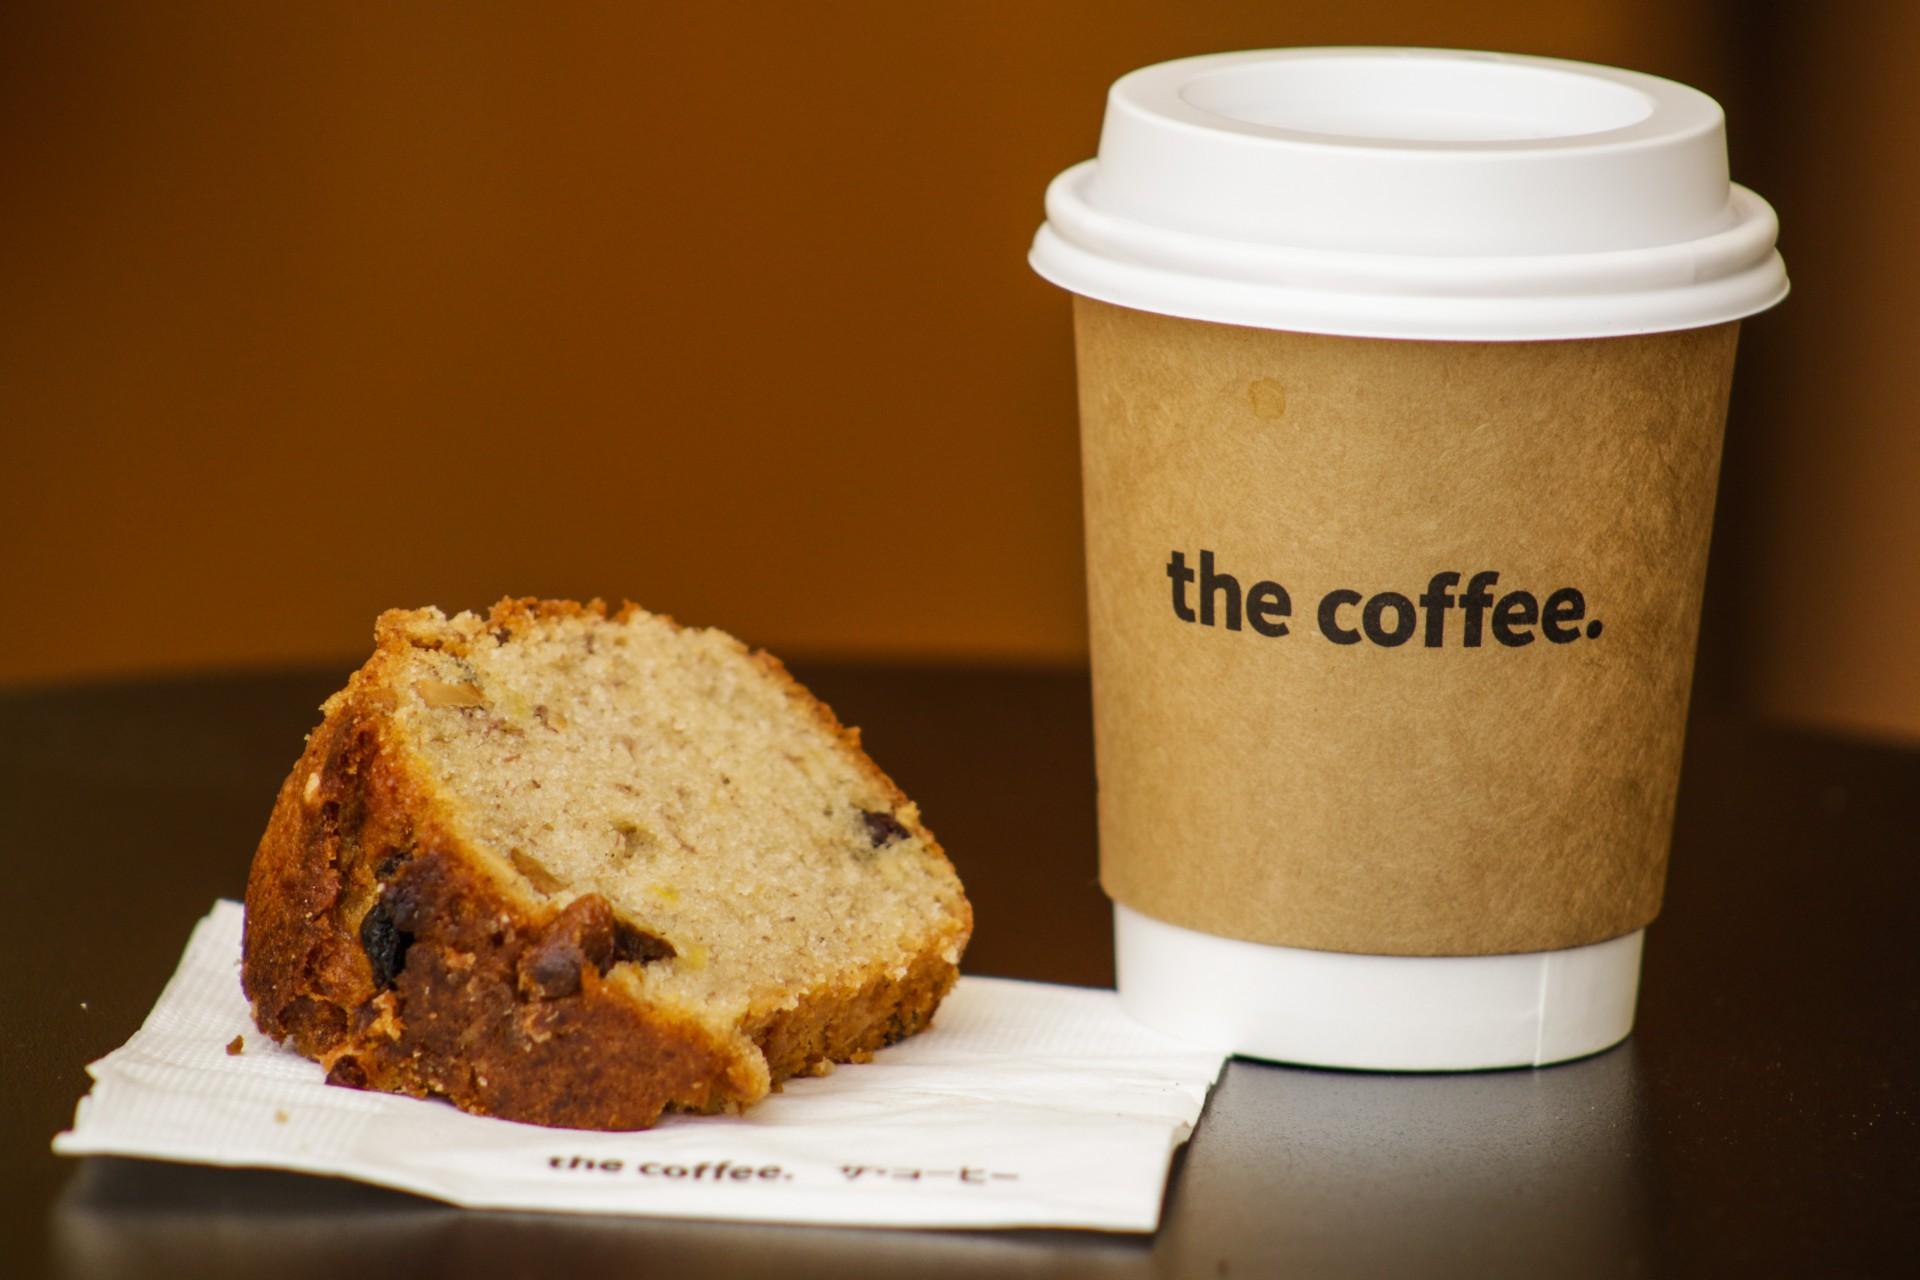 The Coffee: Pausa para um café